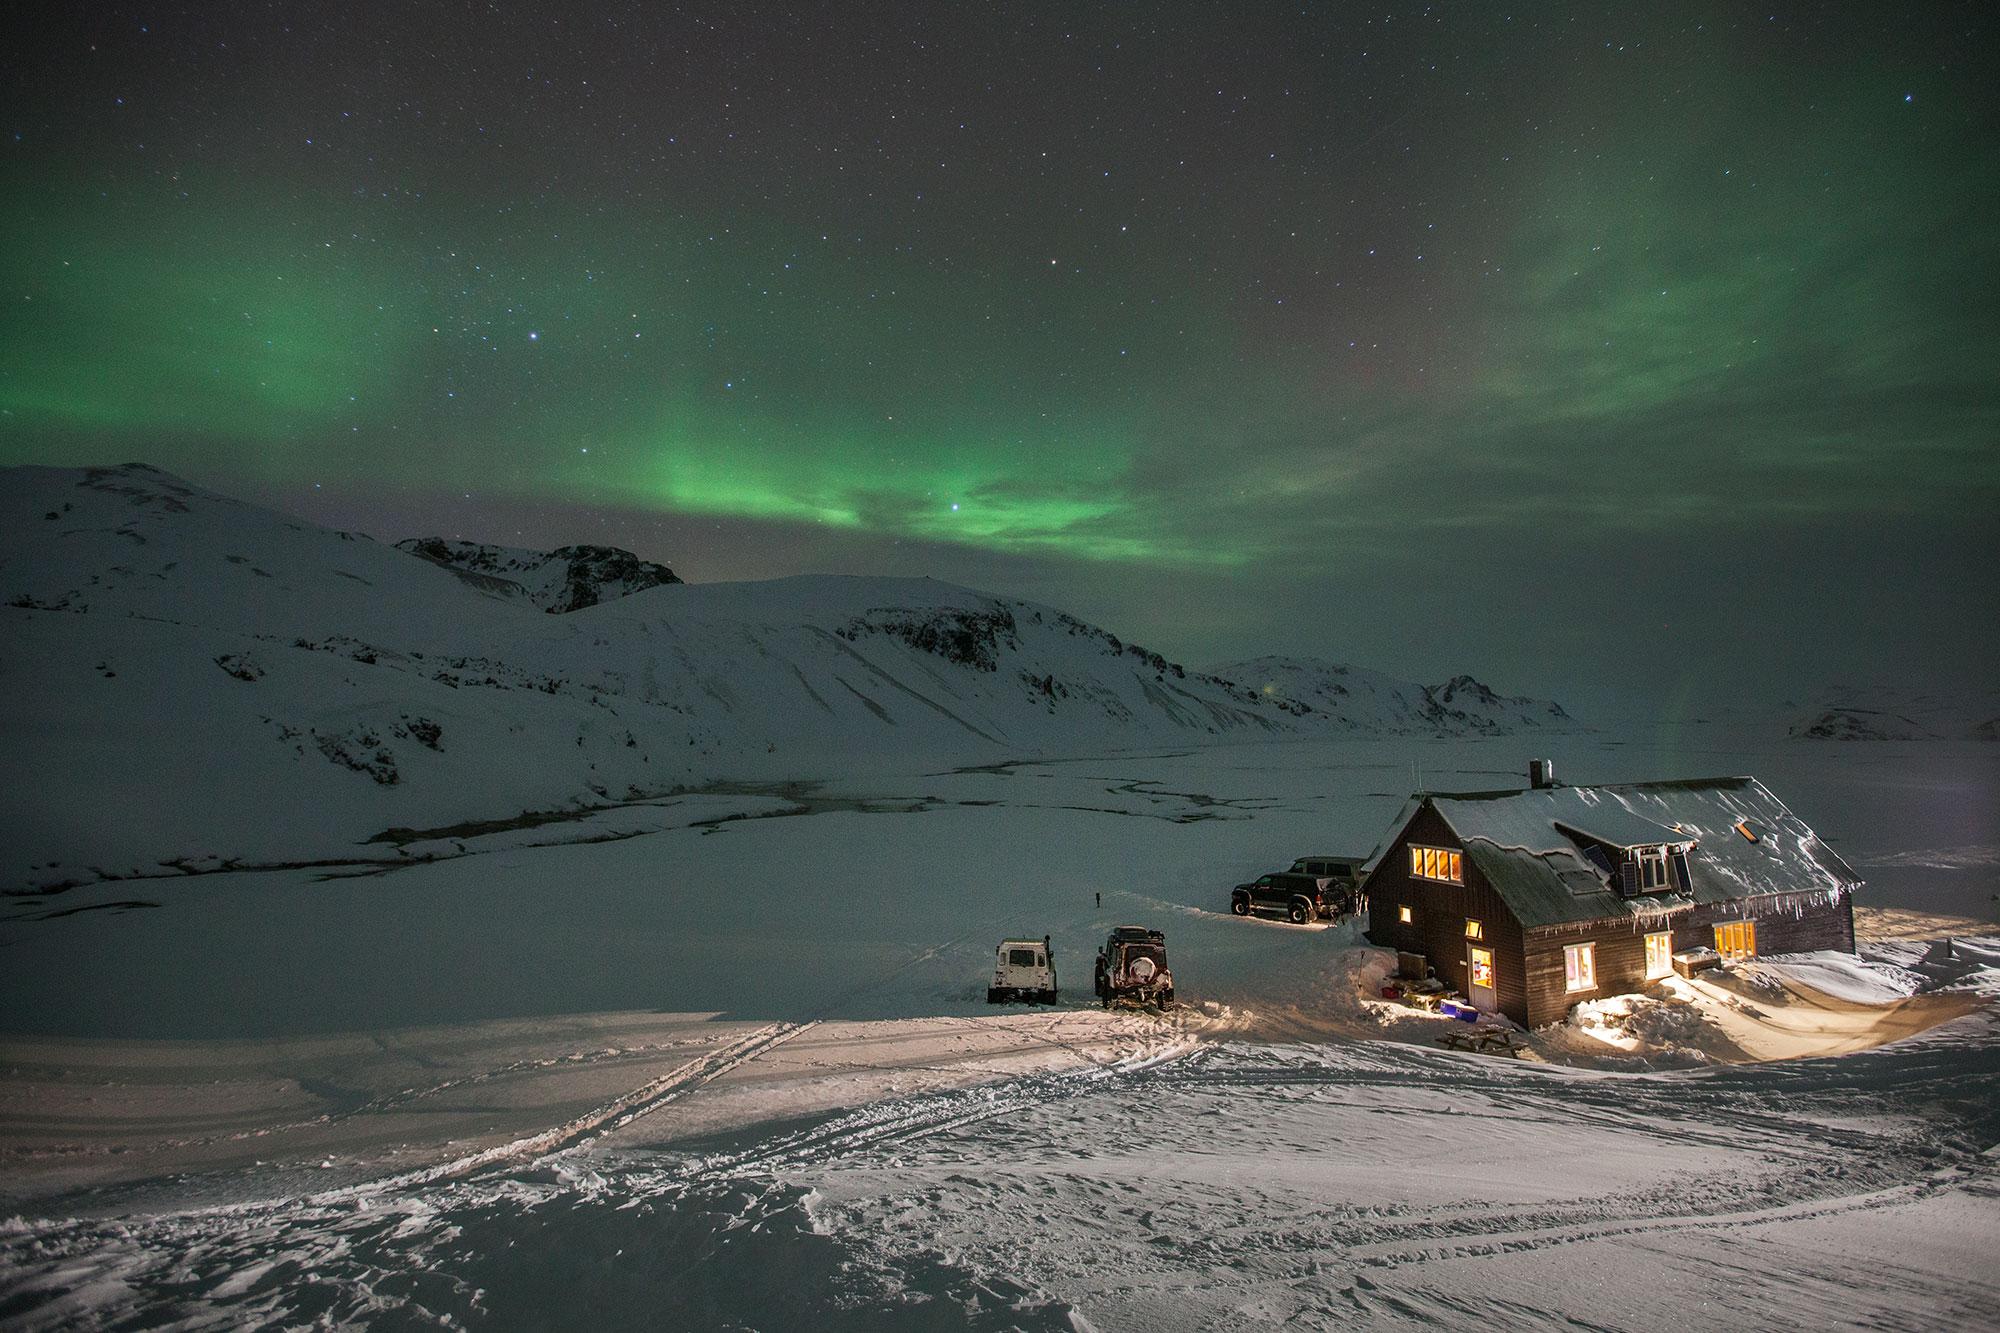 您将在远离城市光源的乡间小屋住宿,收获观察北极光的绝佳机会